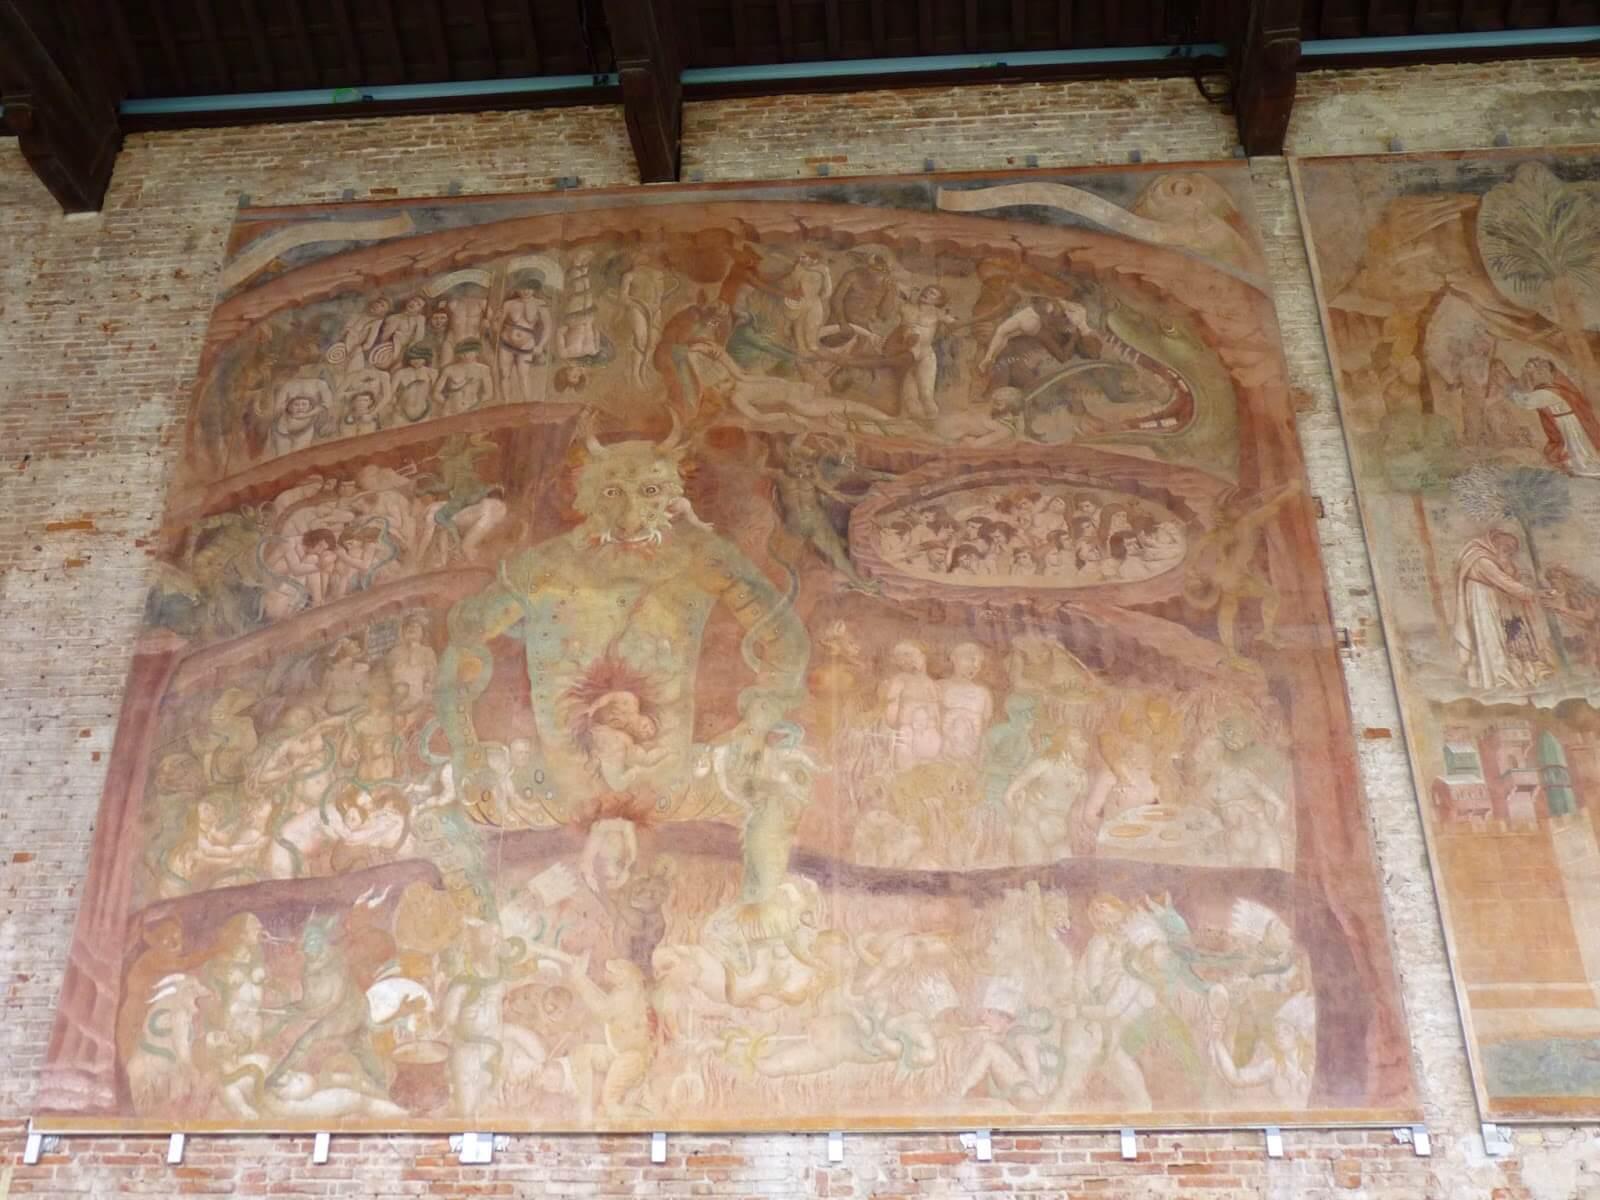 Camposanto Frescos 02 Pisa Itália Mundo Indefinido